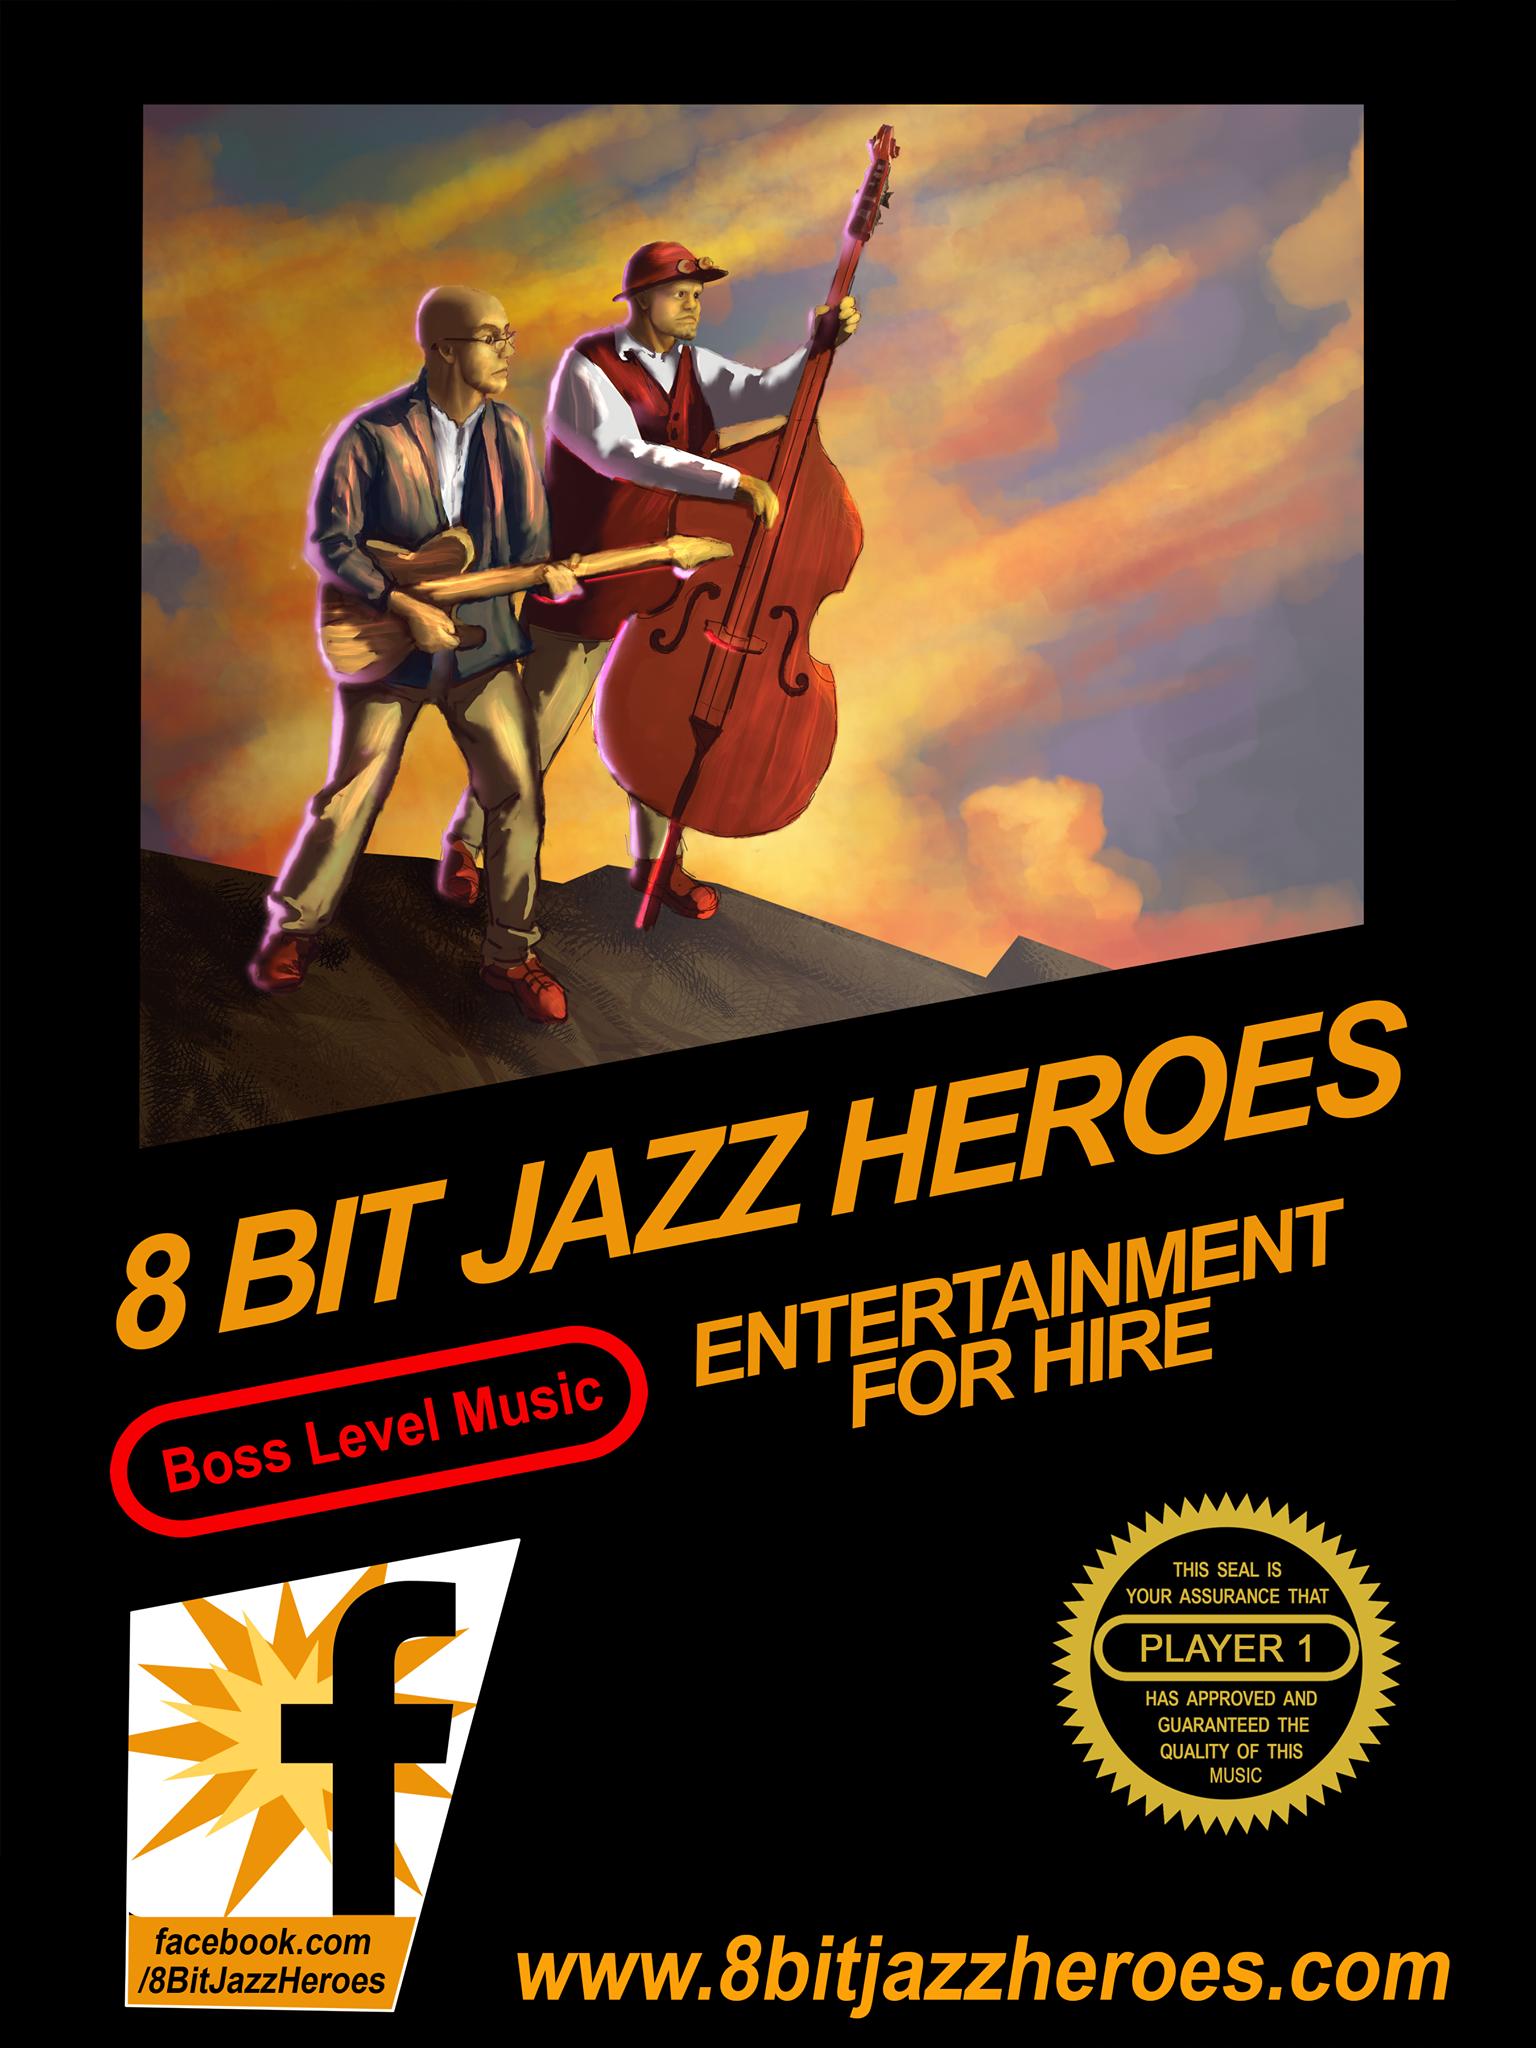 8-bit-jazz-heroes-poster.png